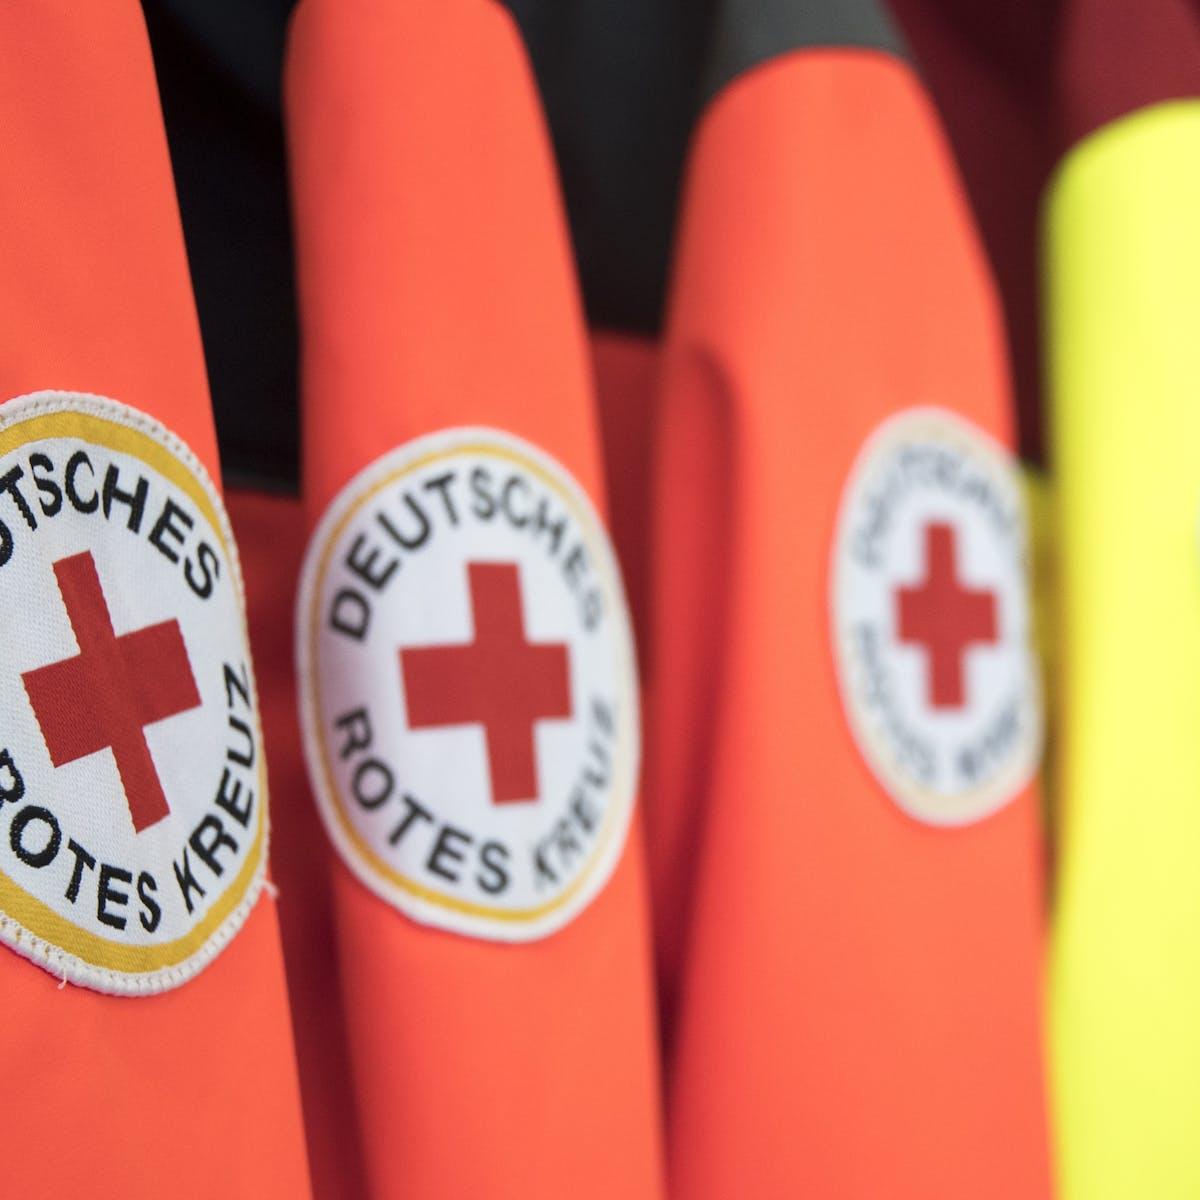 Titelbild-Deutsches-Rotes-Kreuz-DRK-Rotkreuz-Hilfe-Notfall-pixabay-2823621-bhossfeld